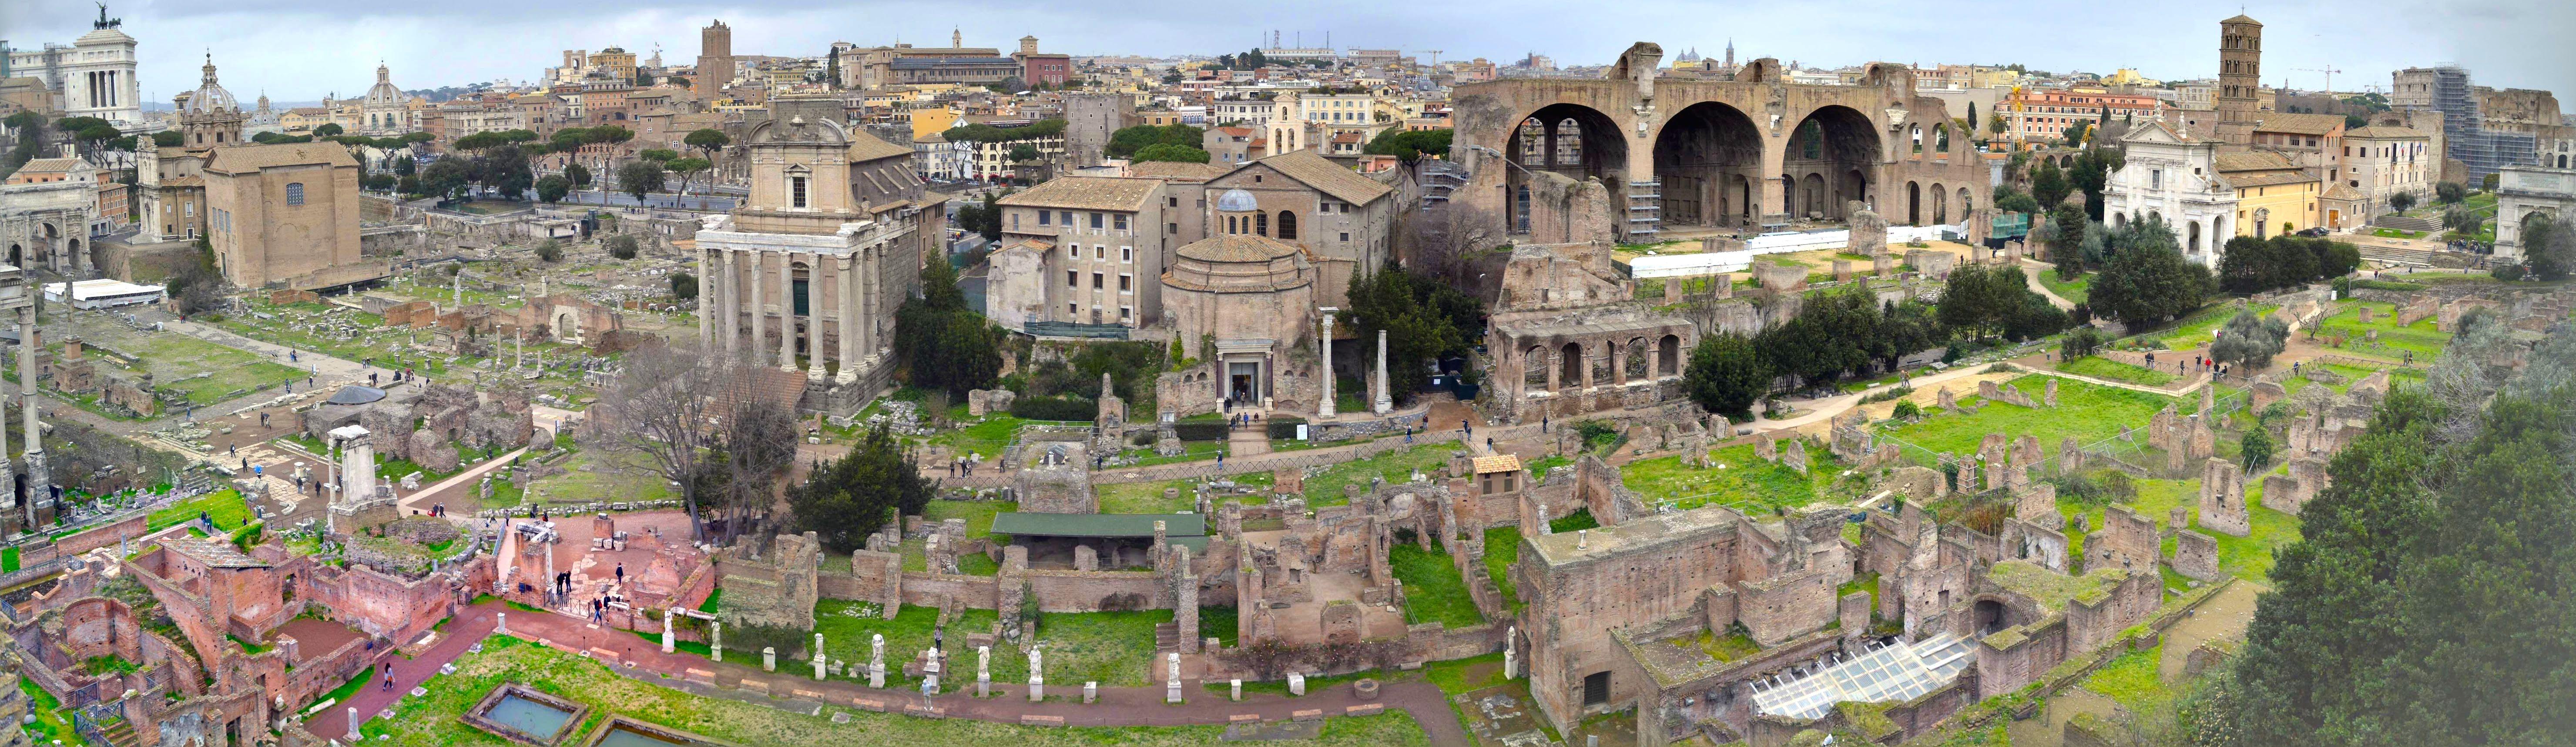 Italia, Italy, Roma, Foro Romanum, Forum Romano, Roman Forum